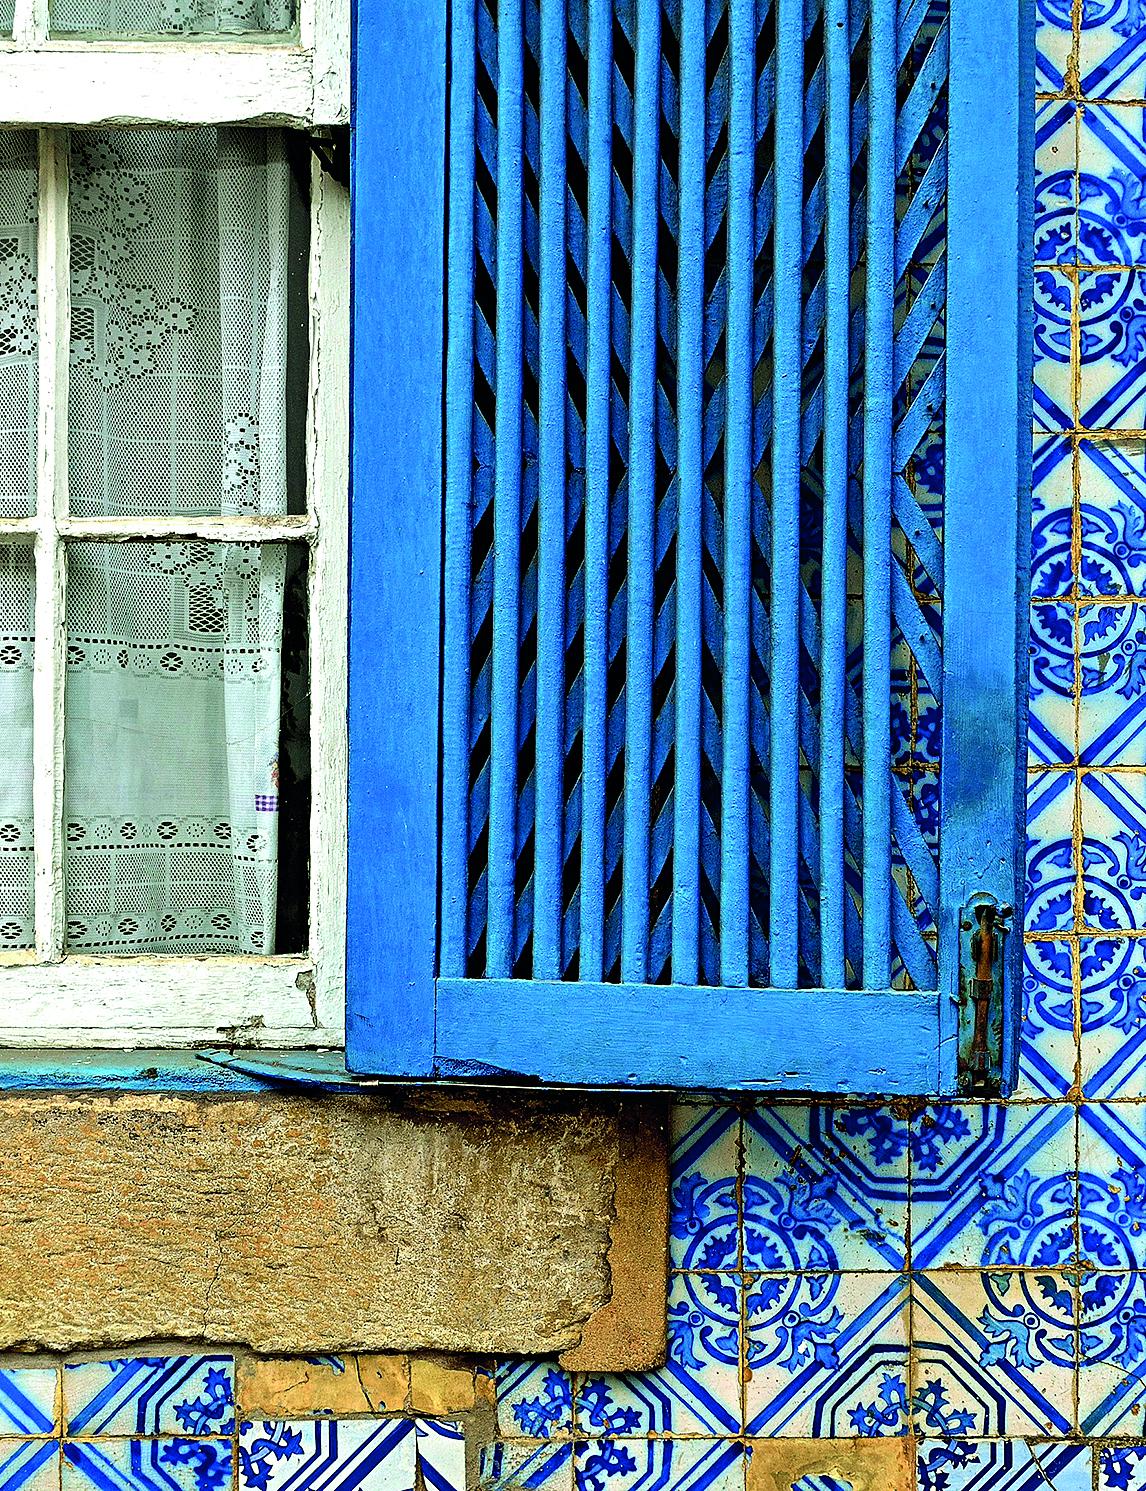 O azulejo era encarado como elemento decorativo na época colonial, adquirindo caráter artístico somente a partir de 1930. Foto: Marcos Piffer/Divulgação